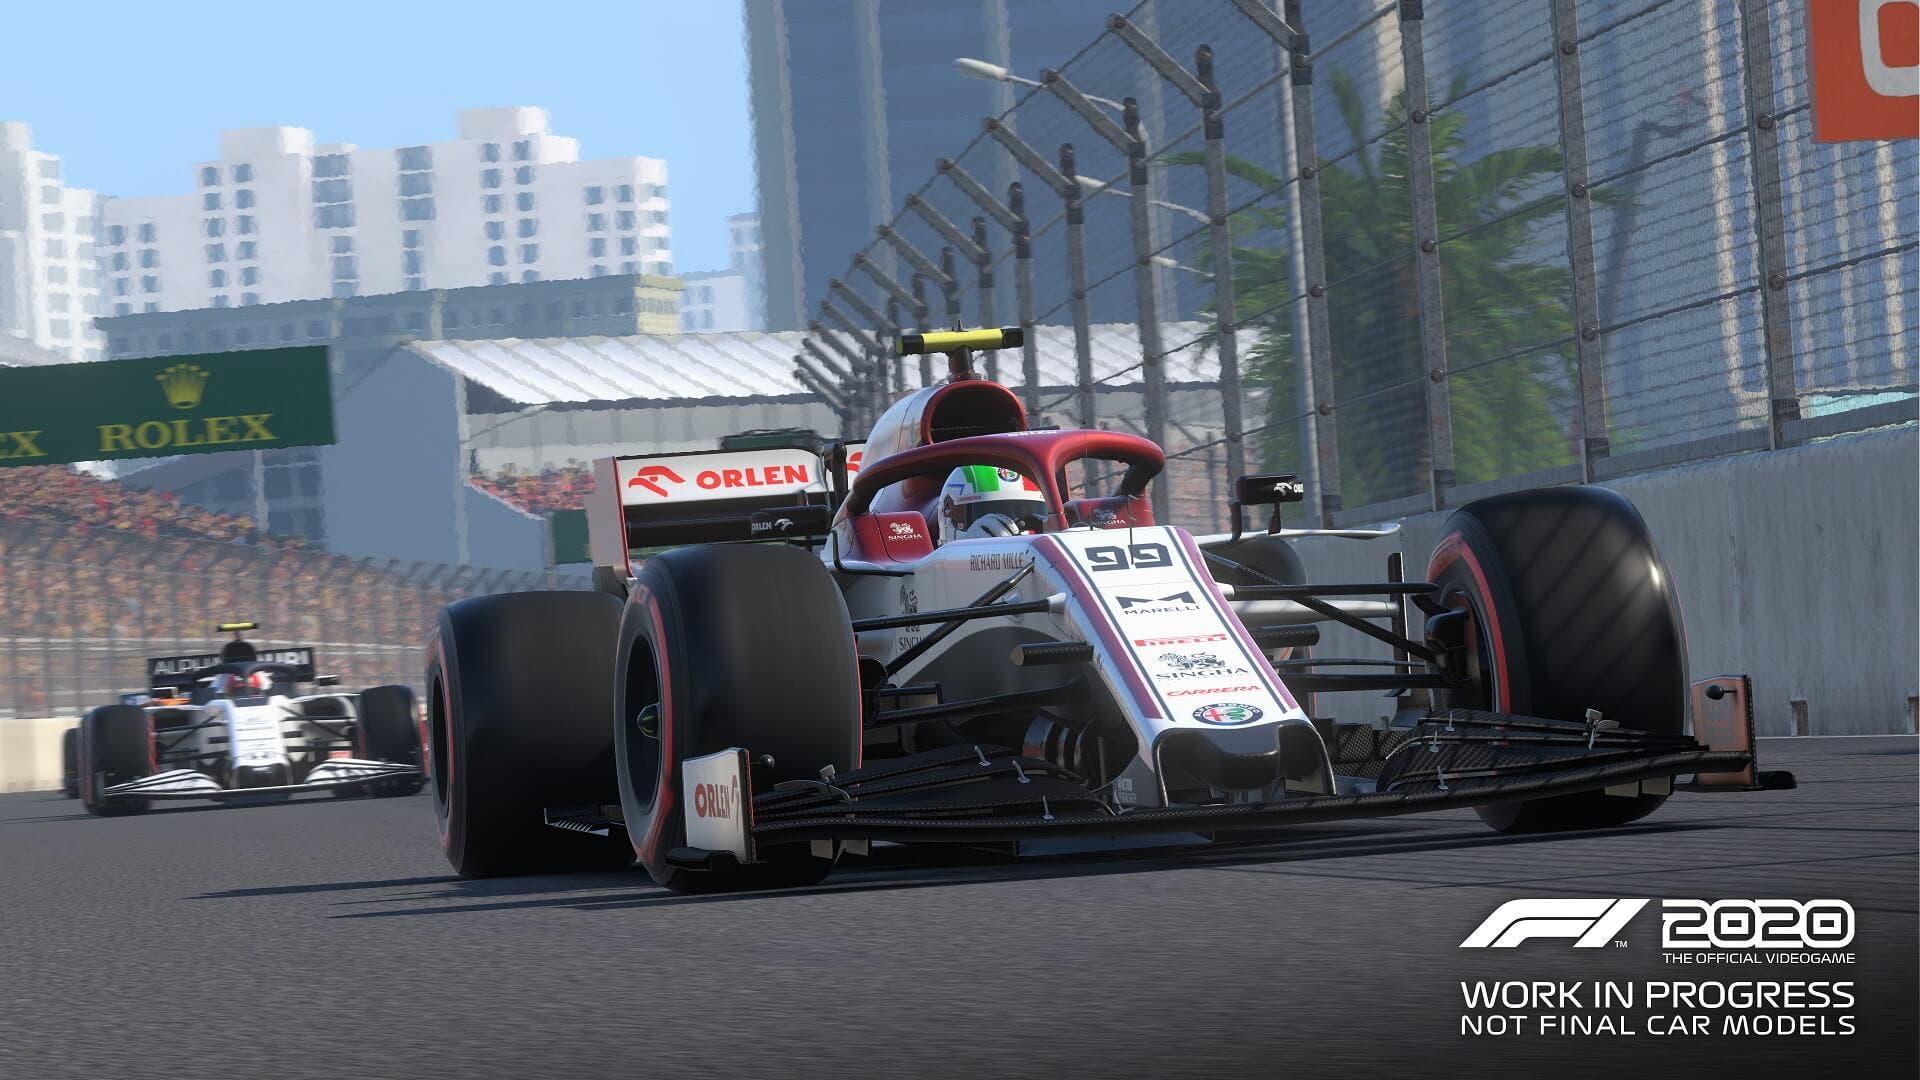 Una vuelta al circuito de Hanoi en F1 2020 con Charles Leclerc 3